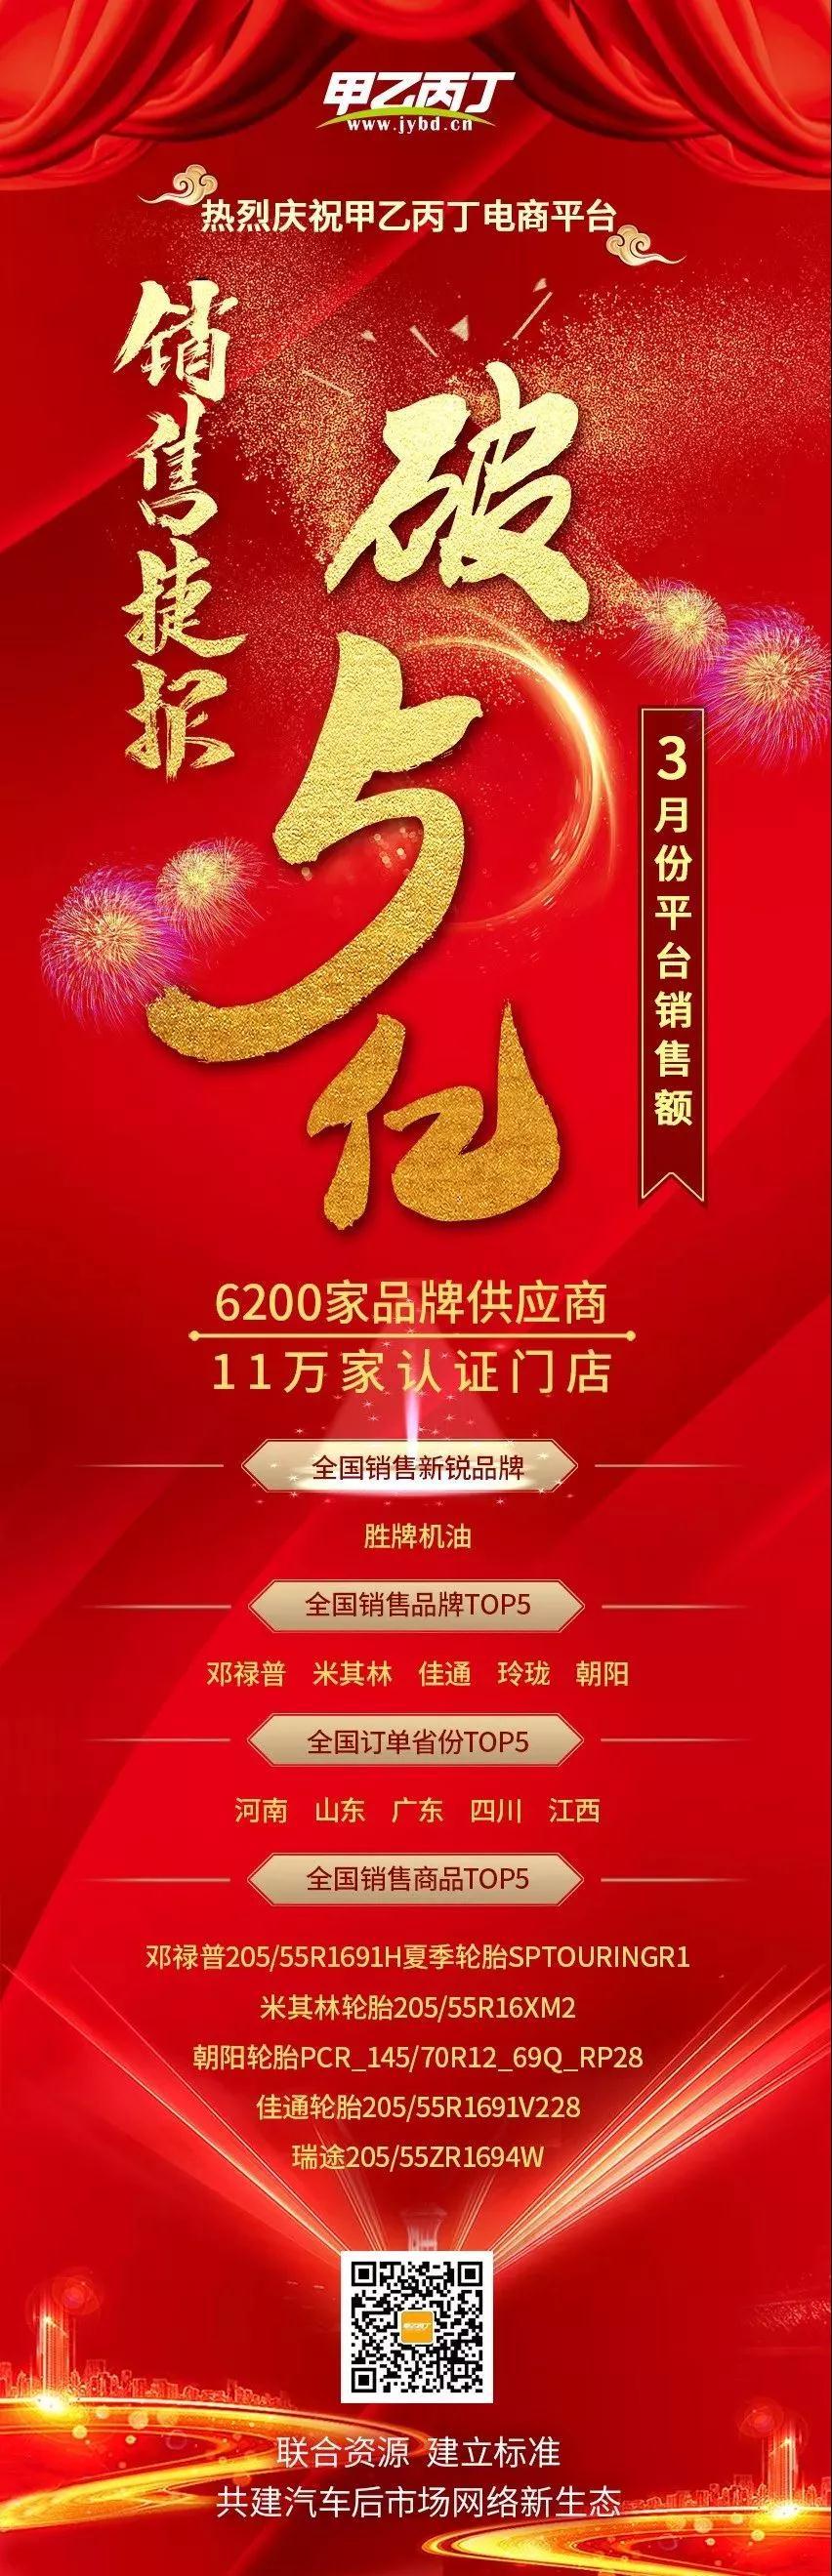 销售捷报!热烈庆祝甲乙丙丁电商平台3月份单月销售总额突破5亿大关!